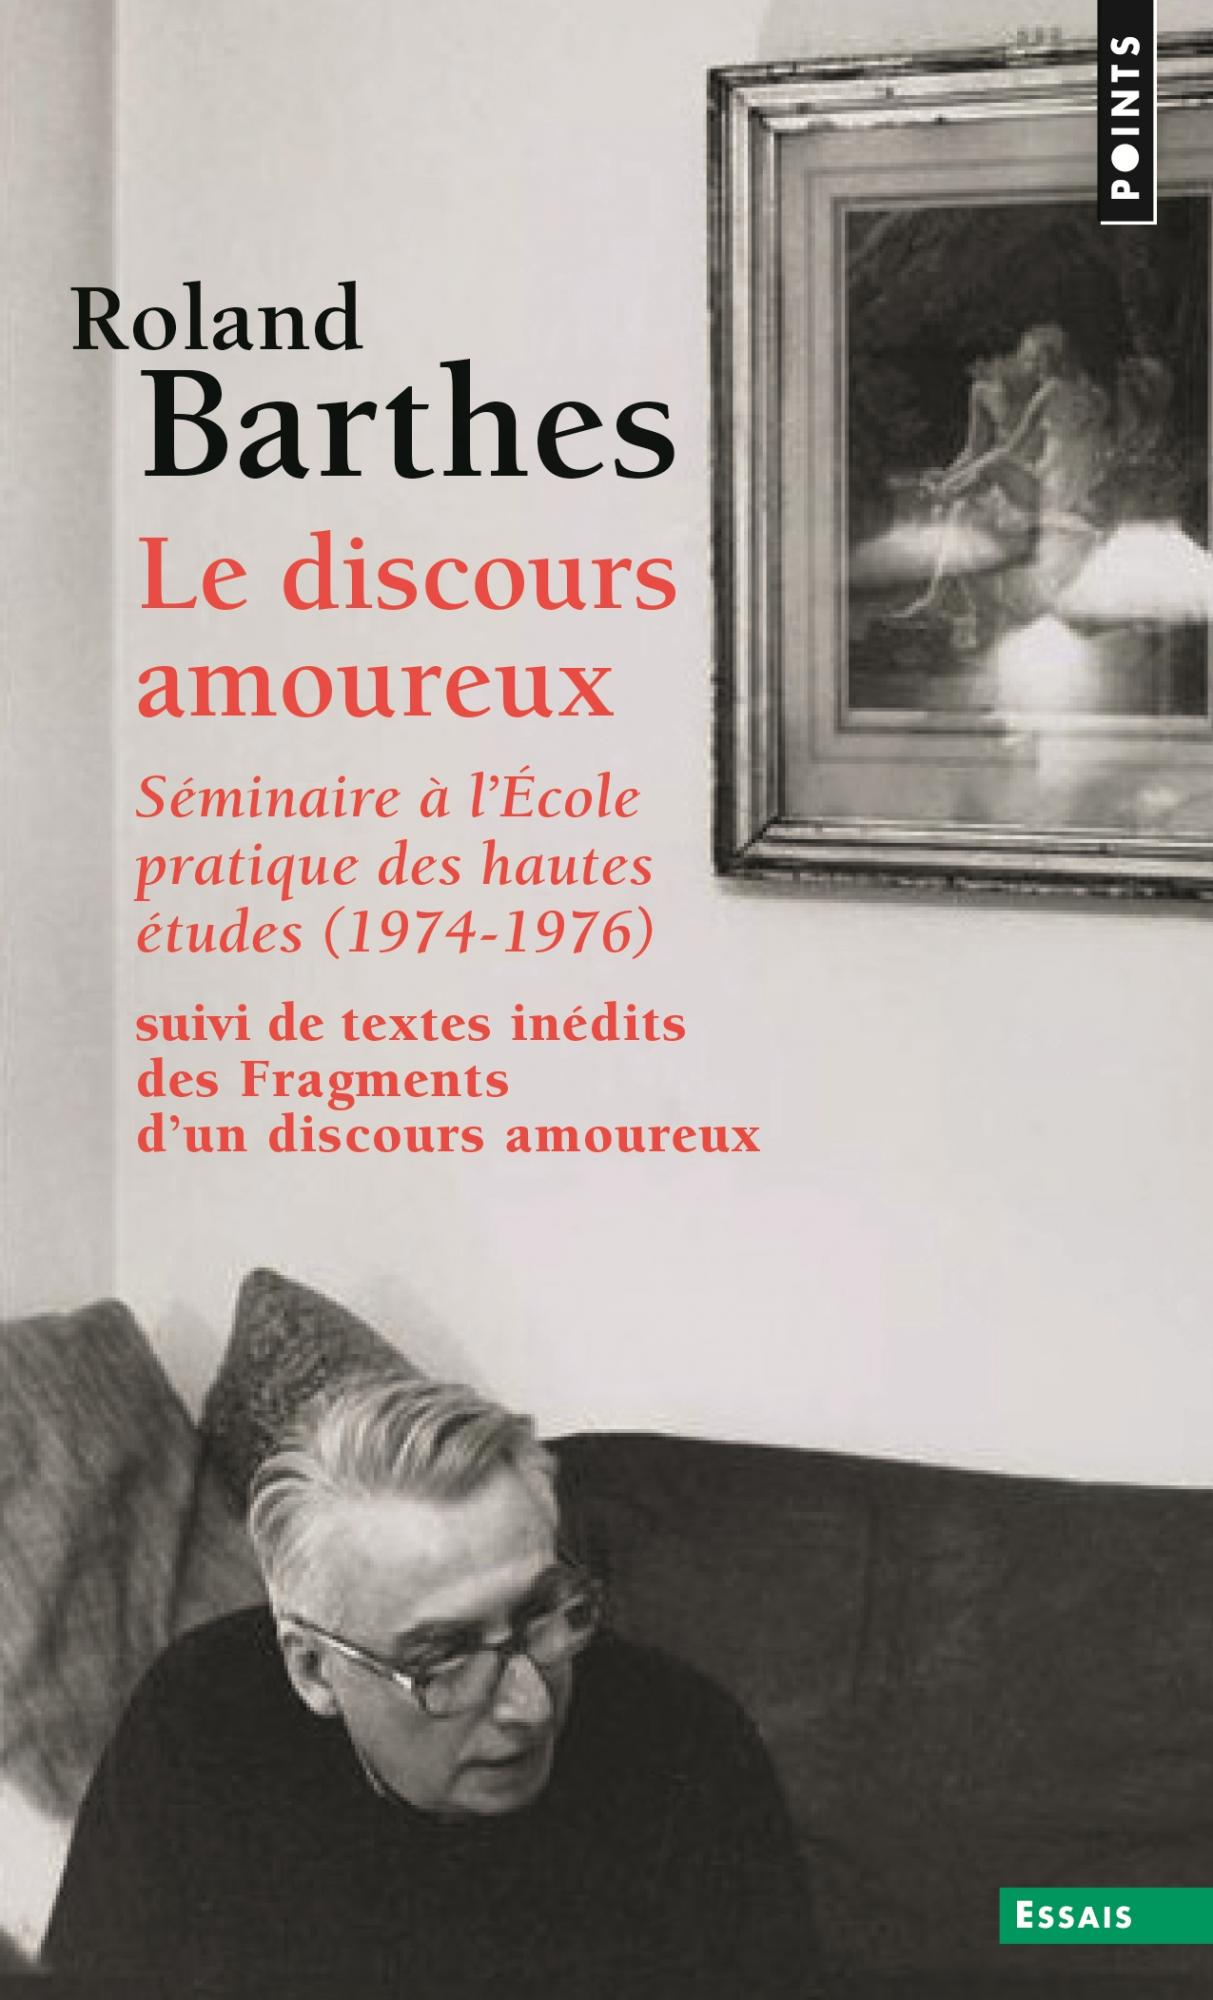 R. Barthes, Le Discours amoureux. Séminaire à l'École pratique des hautes études (1974-1976), suivi de textes inédits des Fragments d'un discours amoureux (Points Seuil)